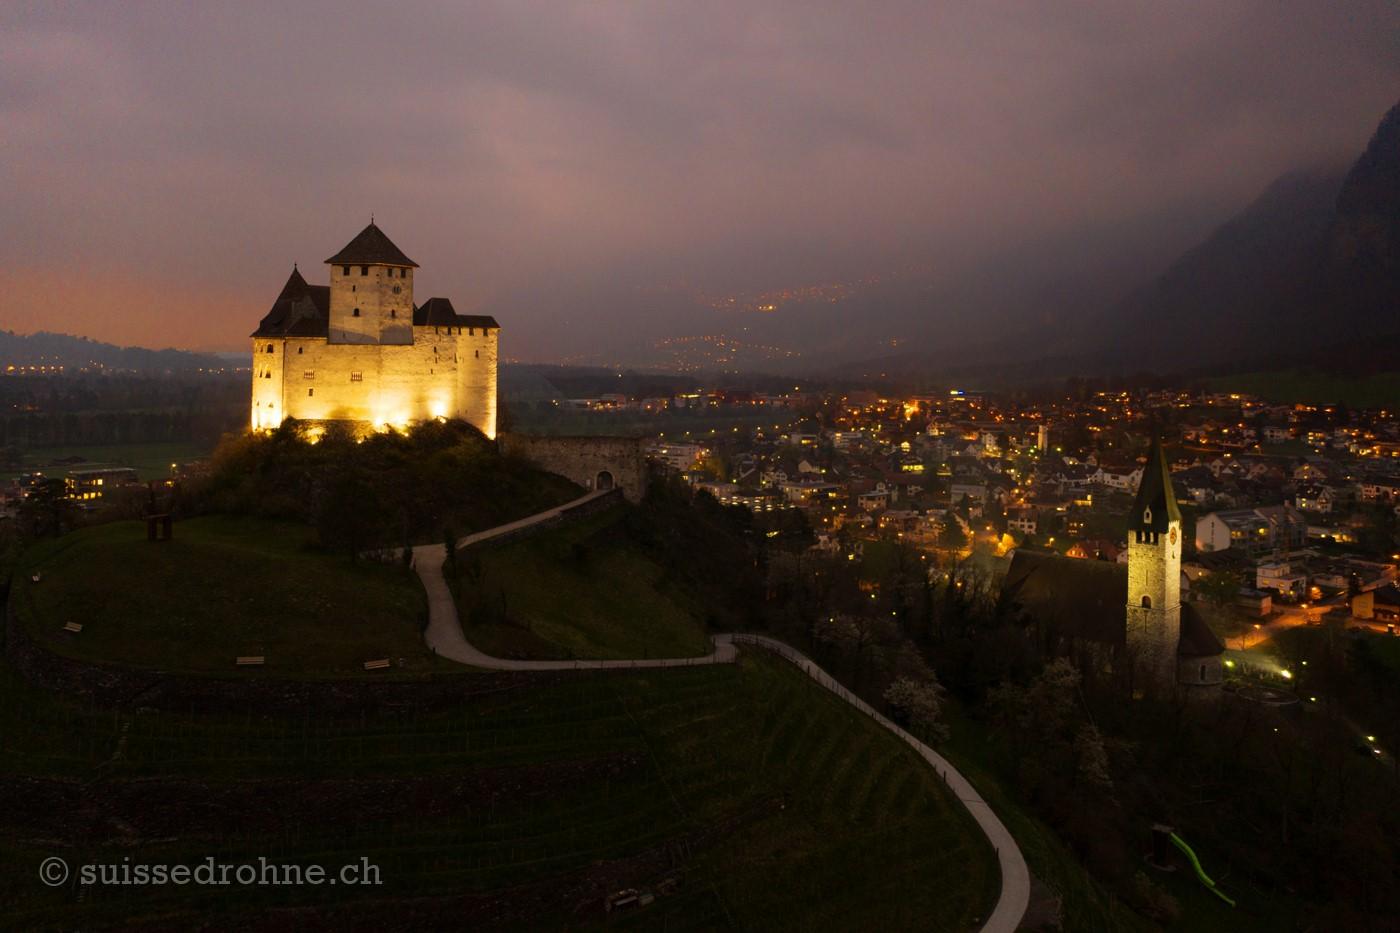 Burg Gutenberg Balzers